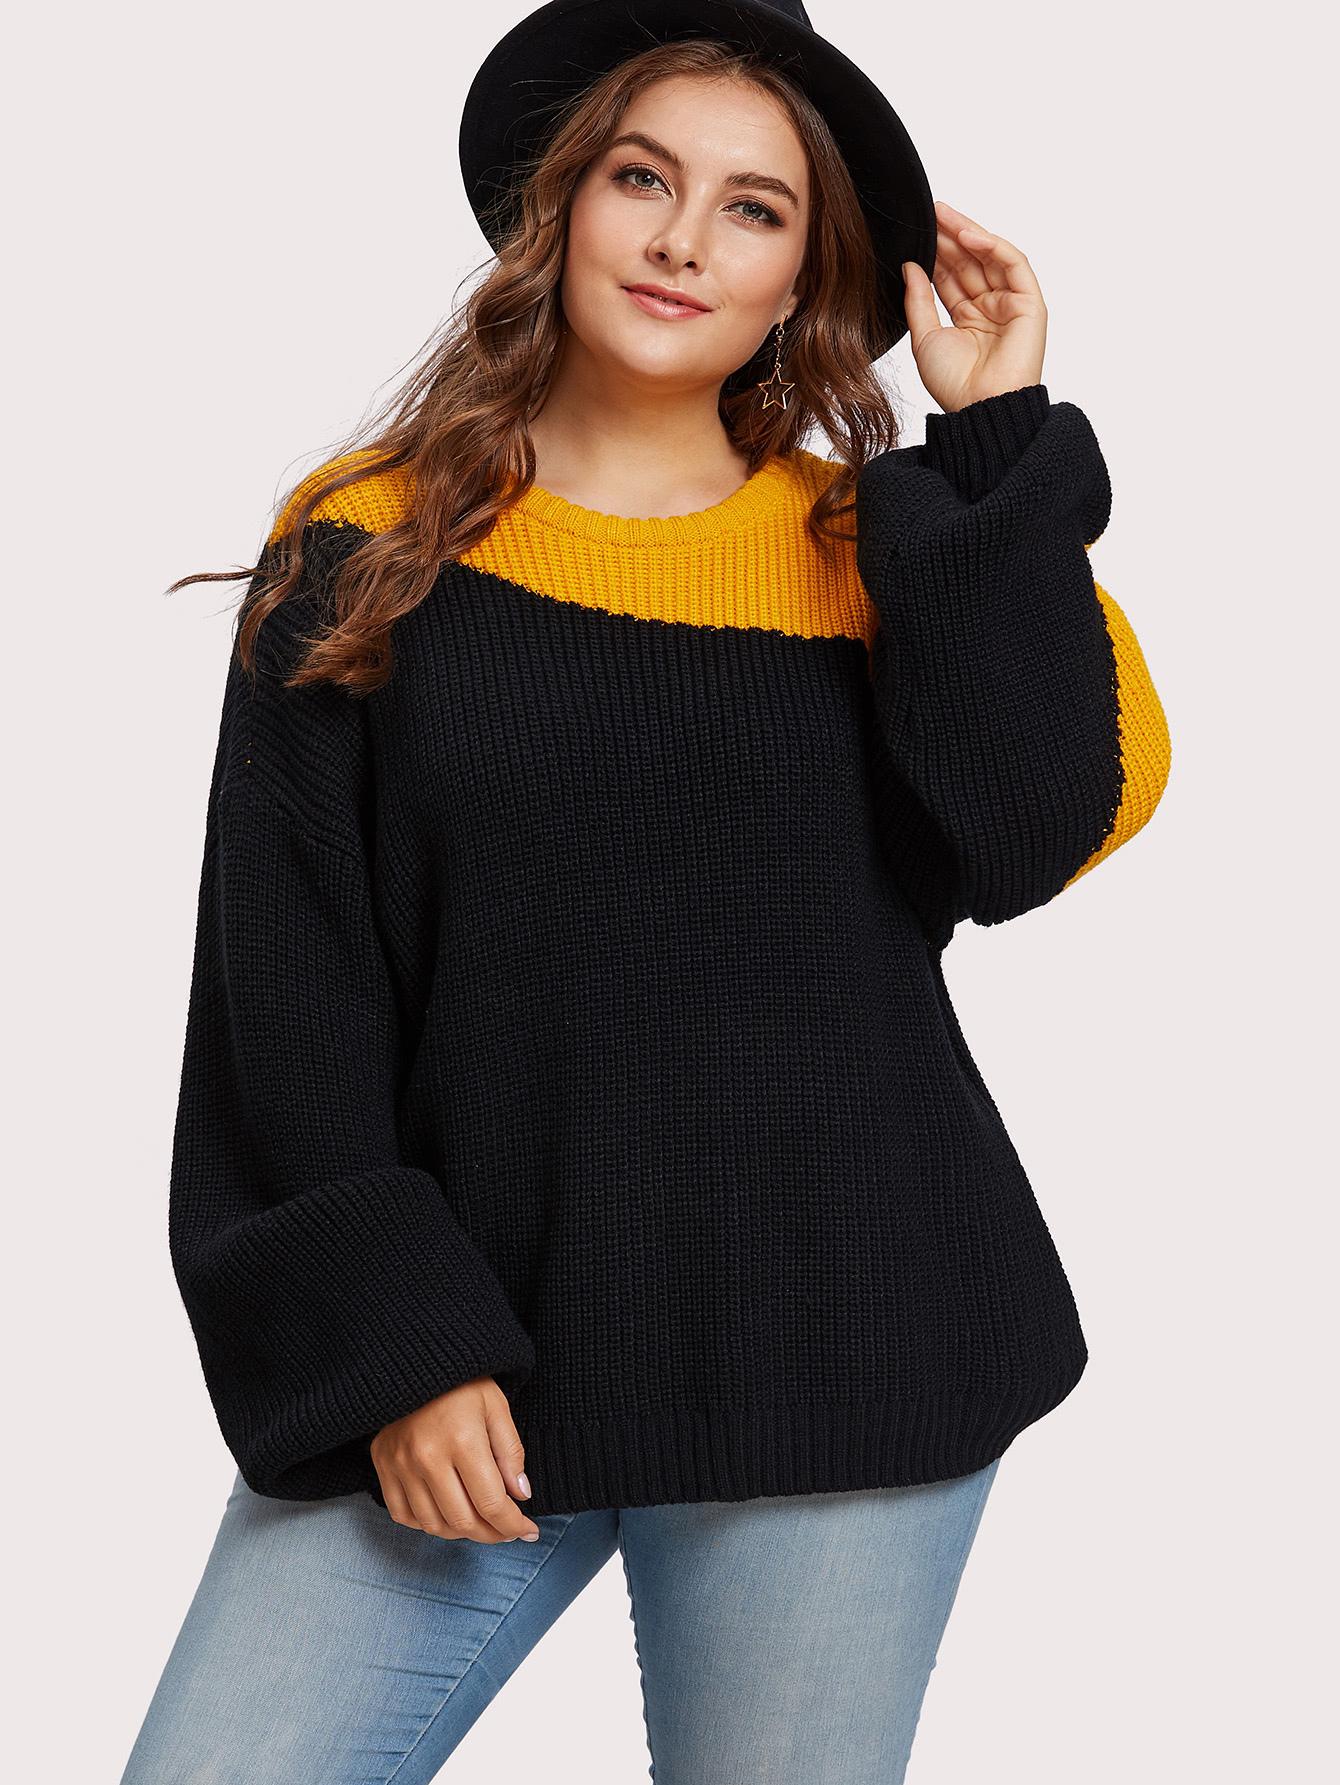 Two Tone Exaggerated Sleeve Sweater bebe confort соски из силикона широкое горлышко 6 24 мес 2 шт